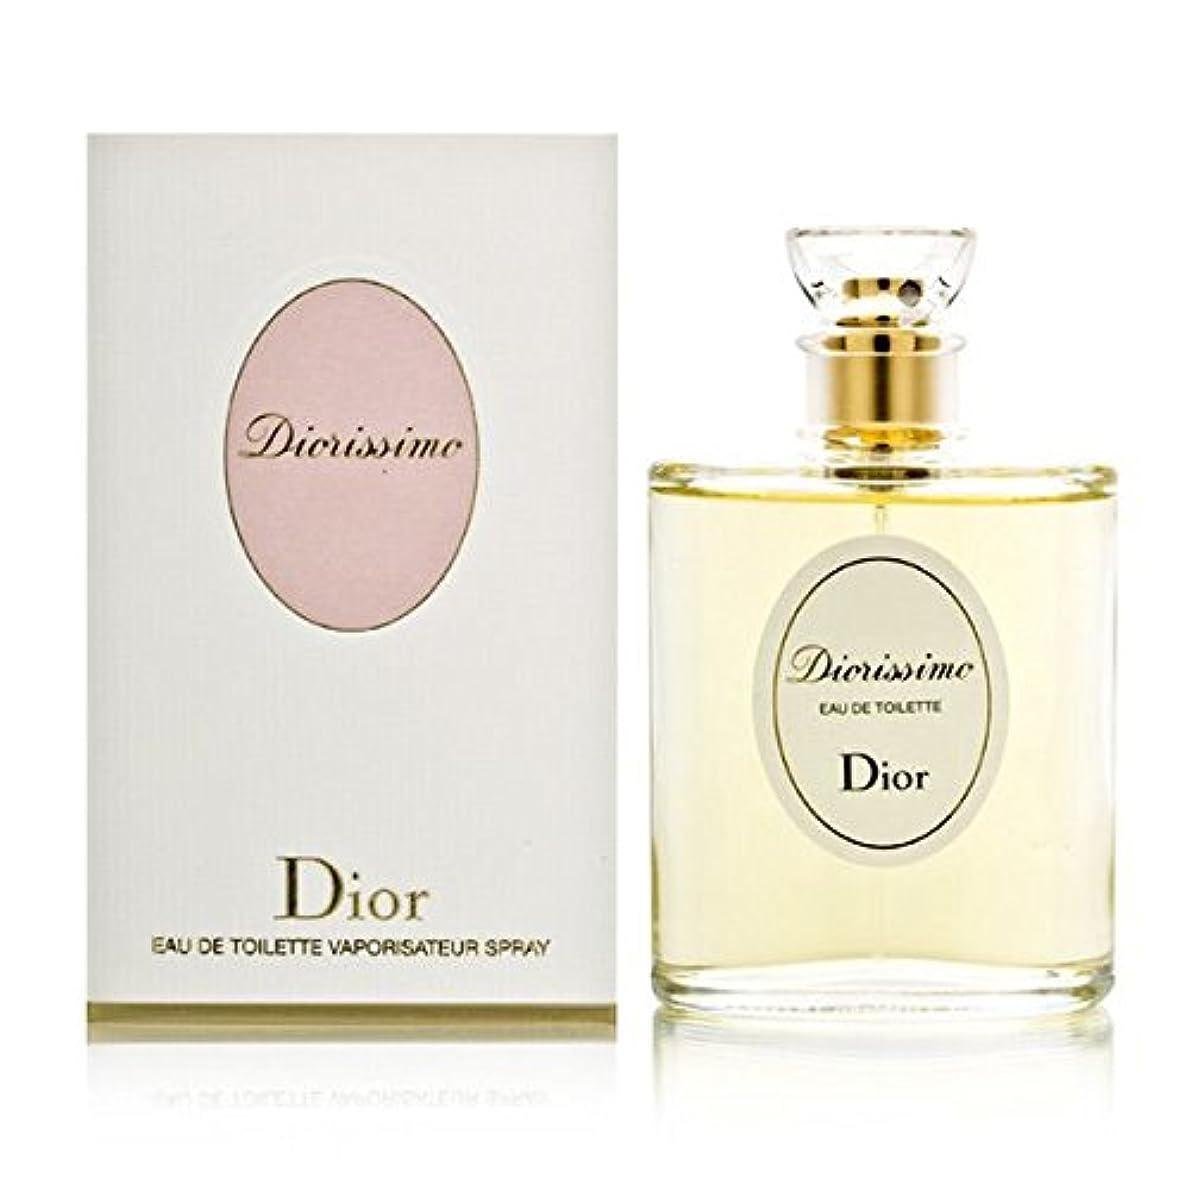 唇敬礼ぶどうクリスチャン ディオール(Christian Dior) ディオリッシモ EDT SP 100ml [並行輸入品]